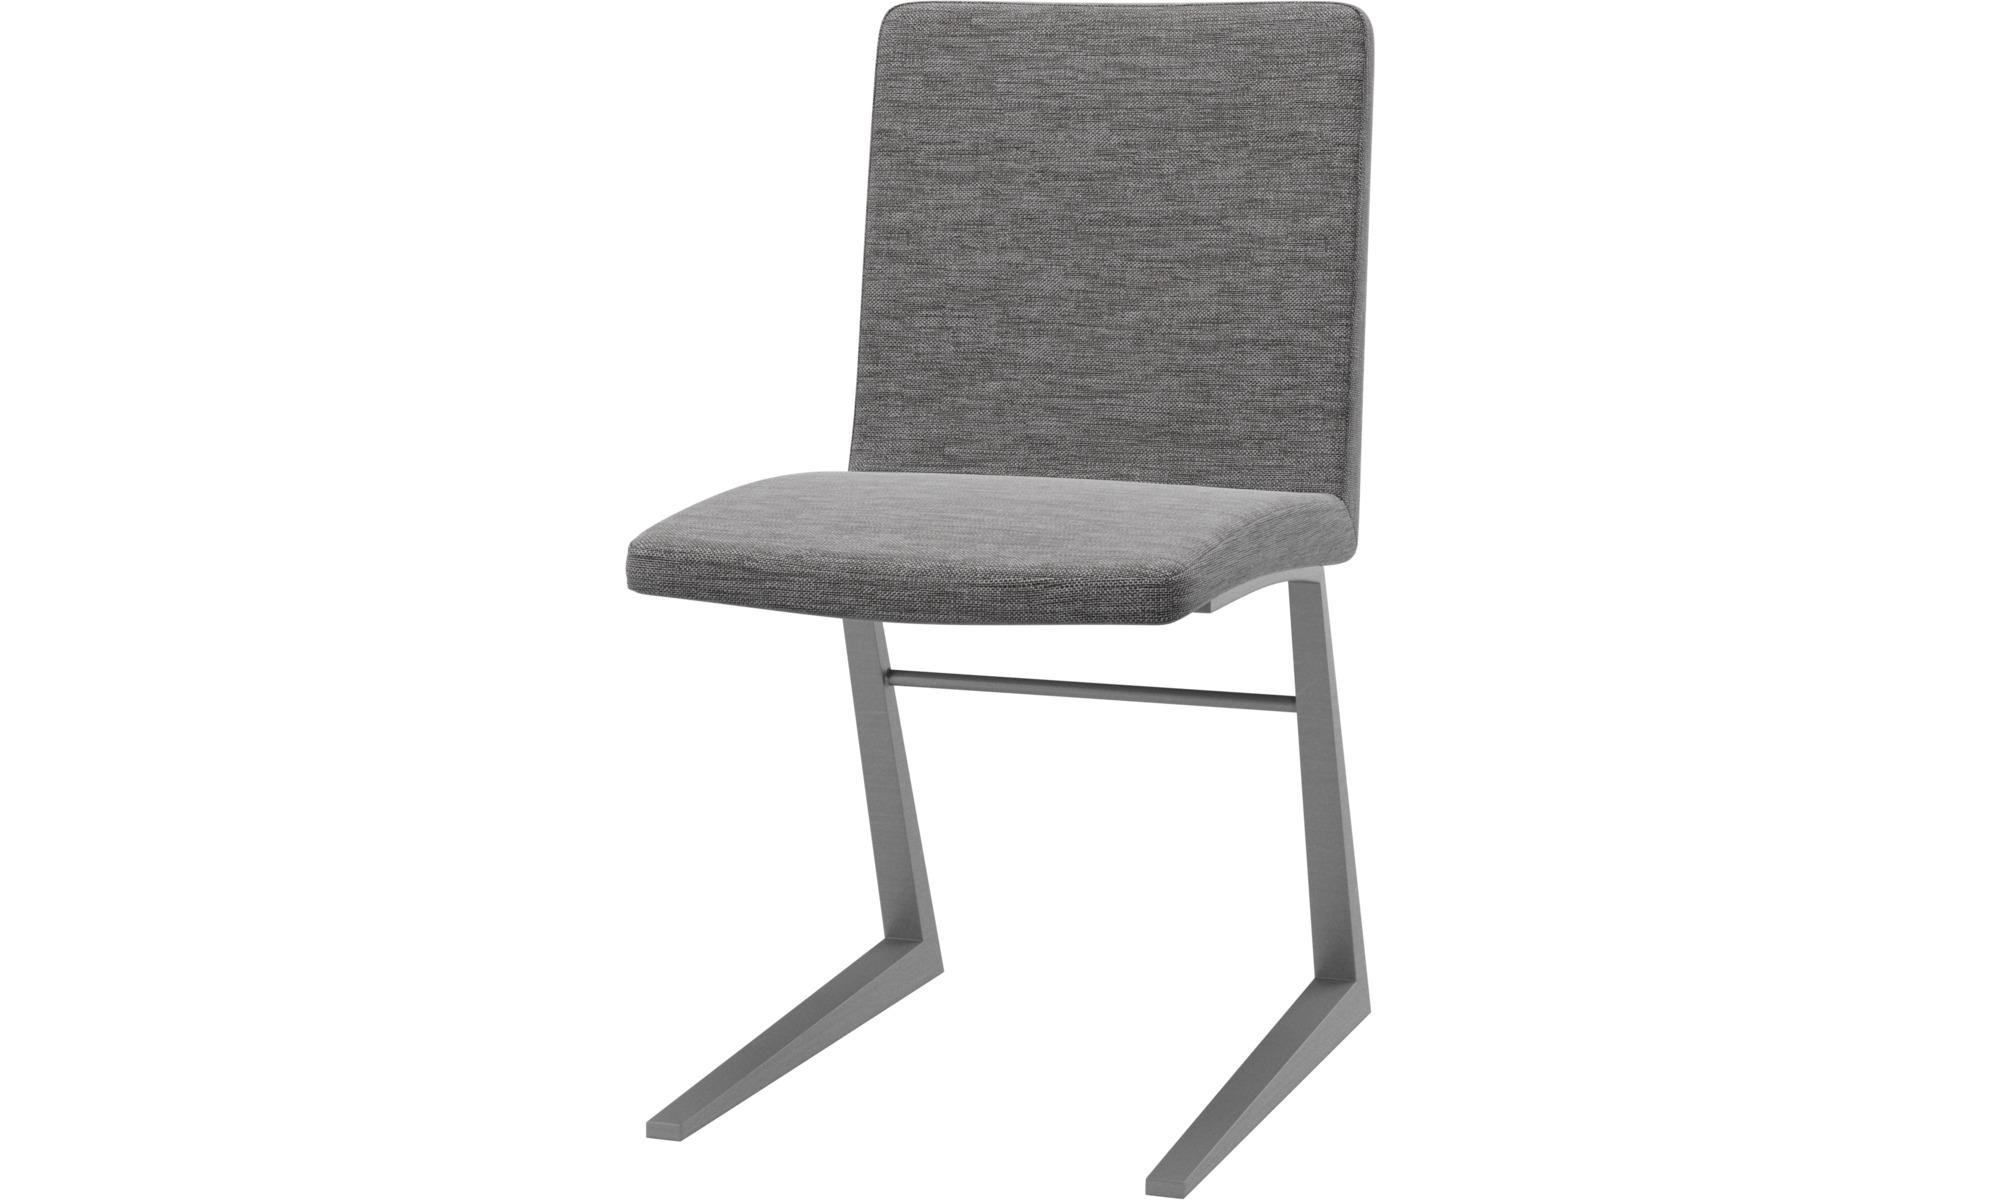 Cadeiras de jantar - Cadeira Mariposa Deluxe - Cinza - Tecido